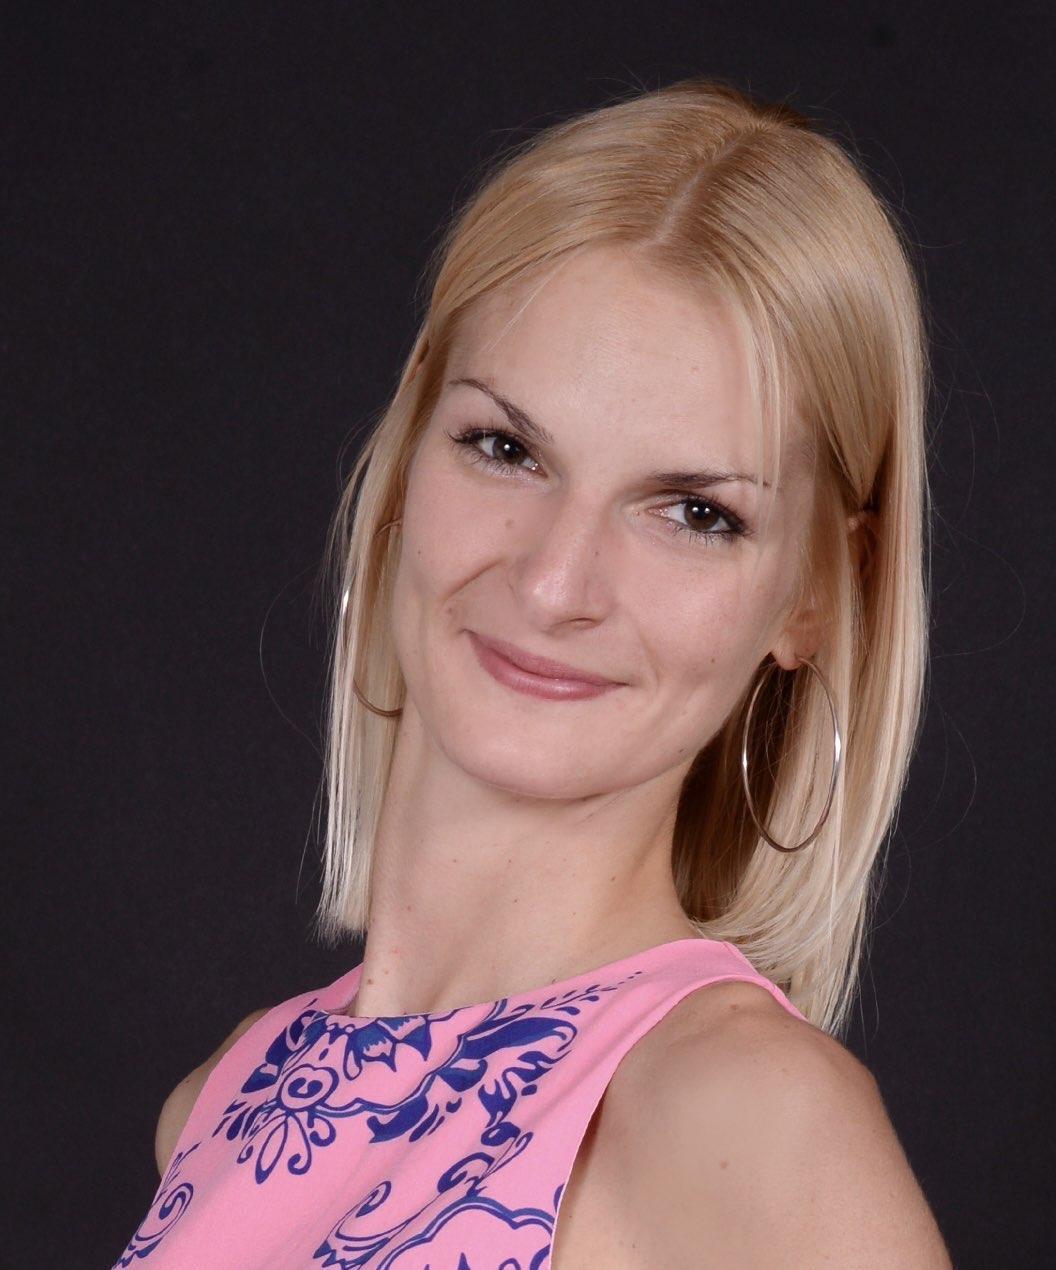 Tamara Jantscher